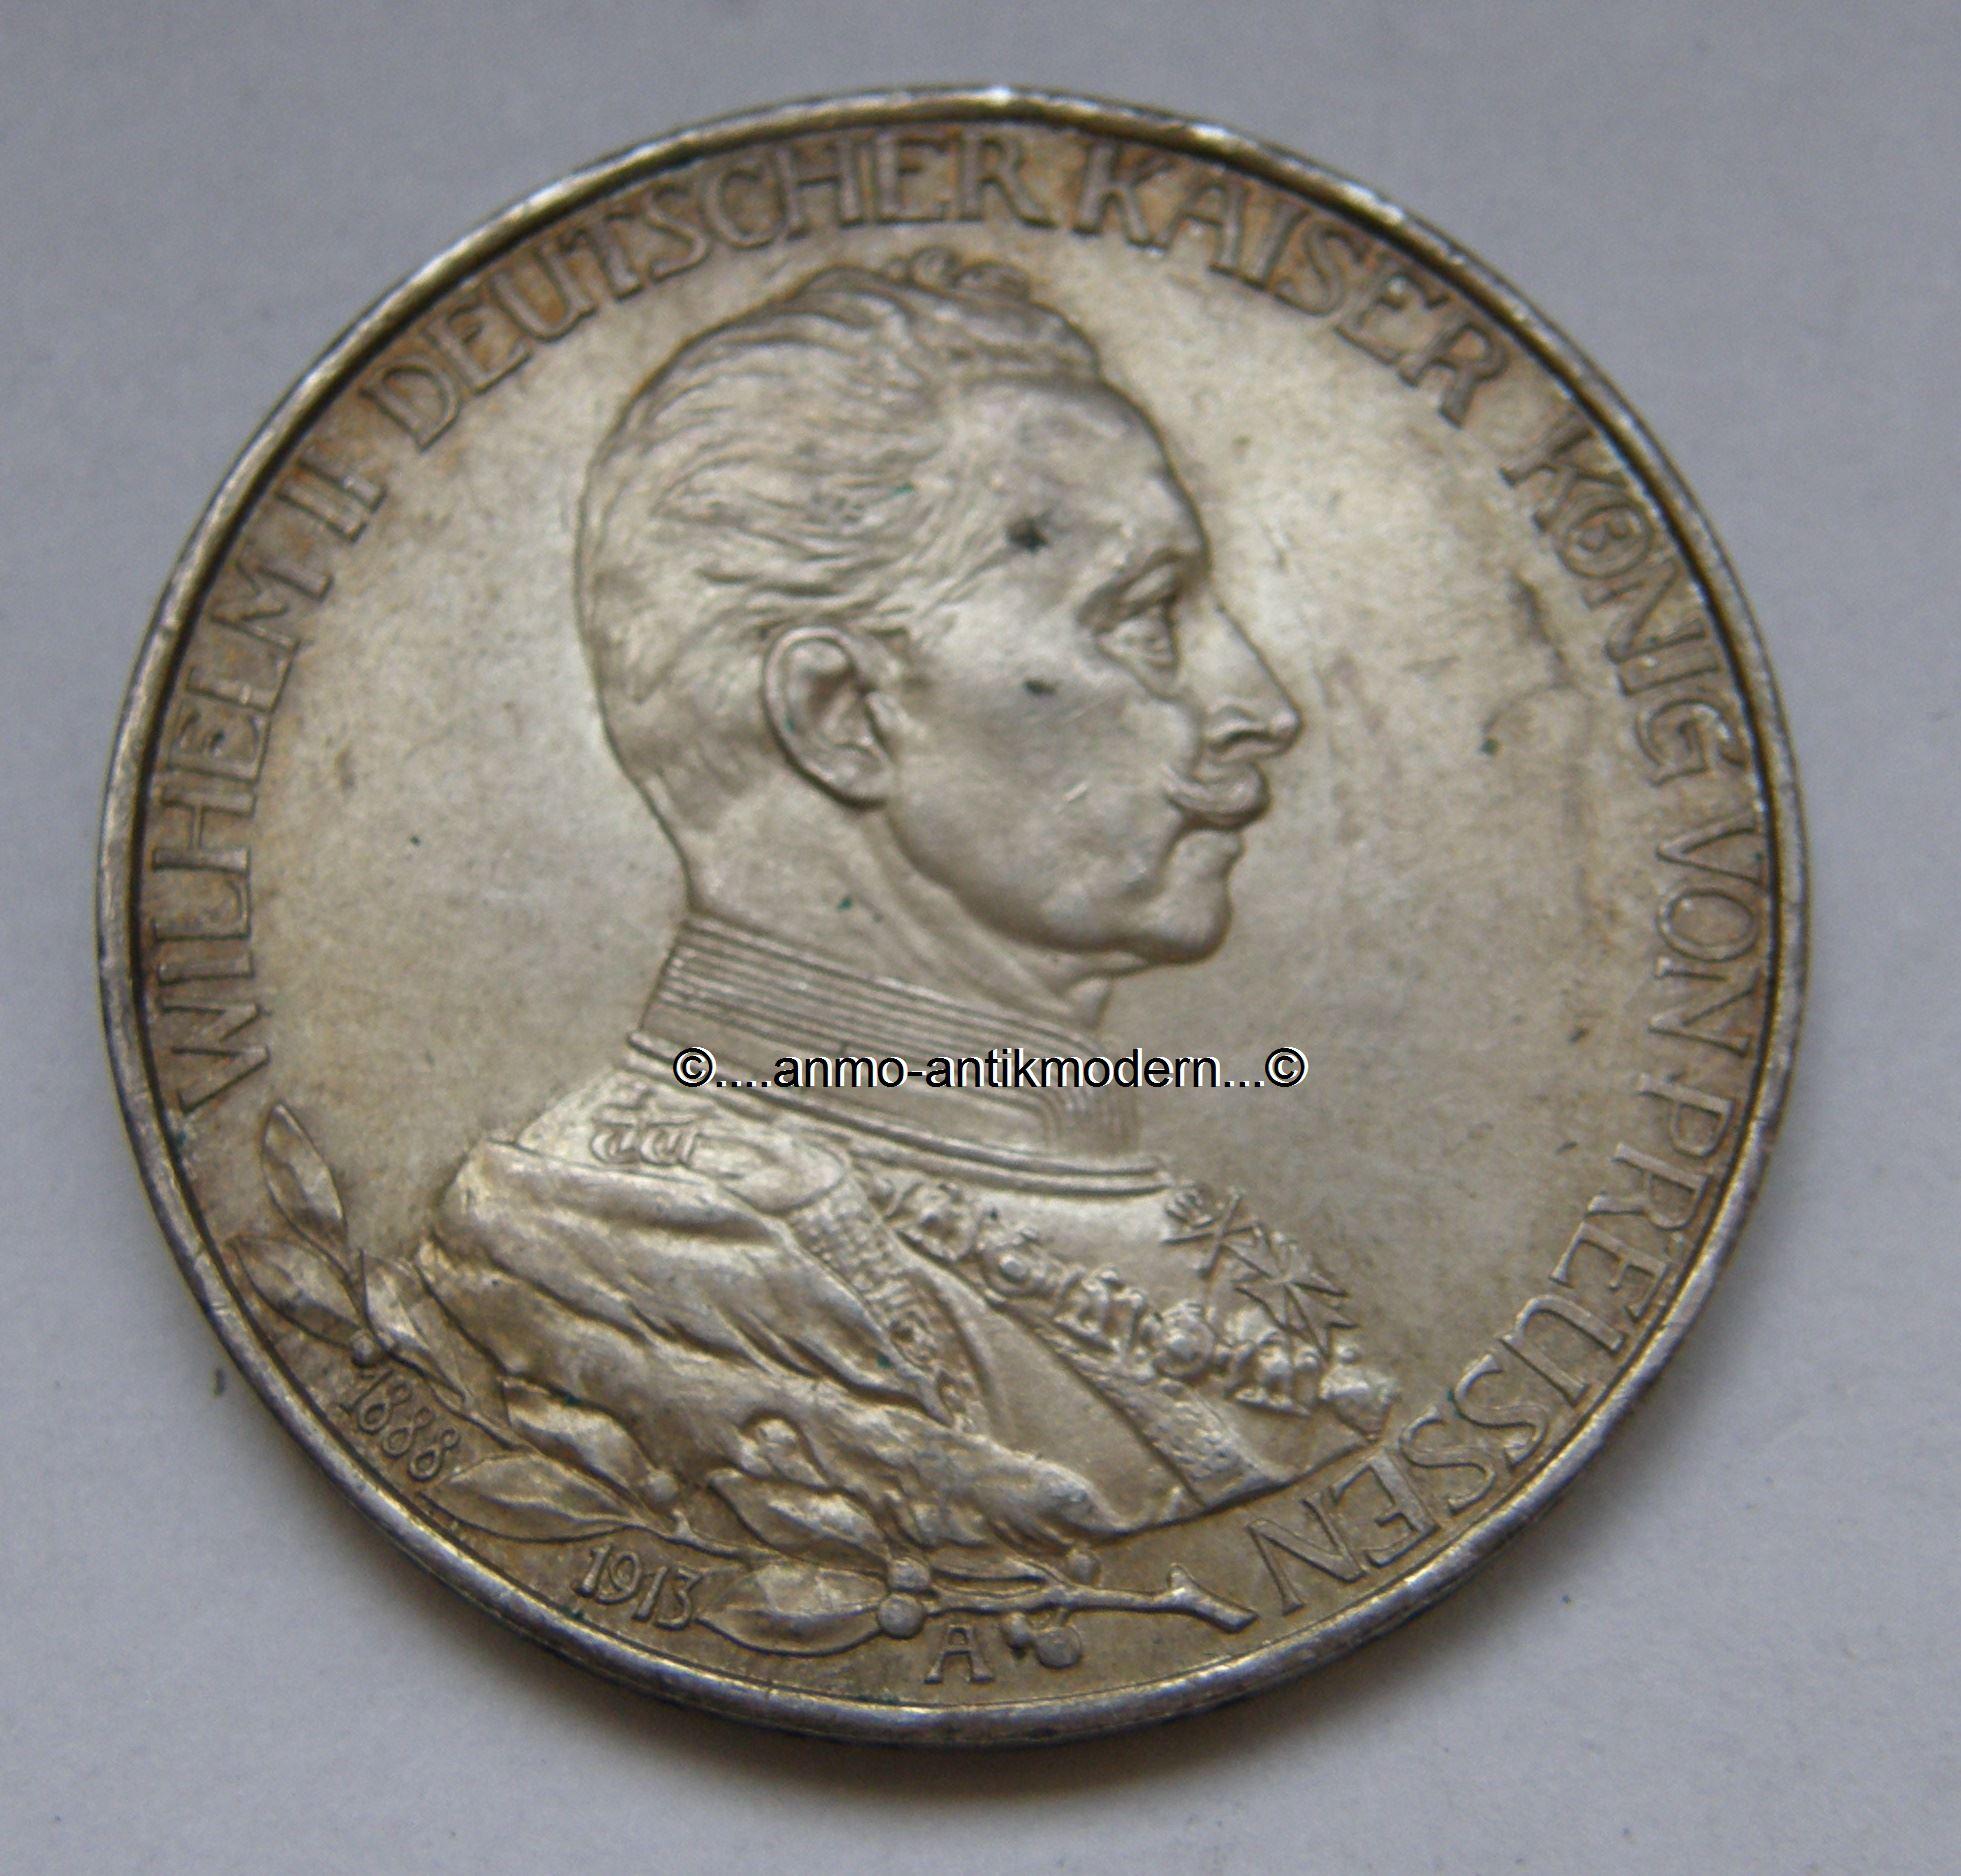 2 Mark Münze Preußen Regierungsjubiläum